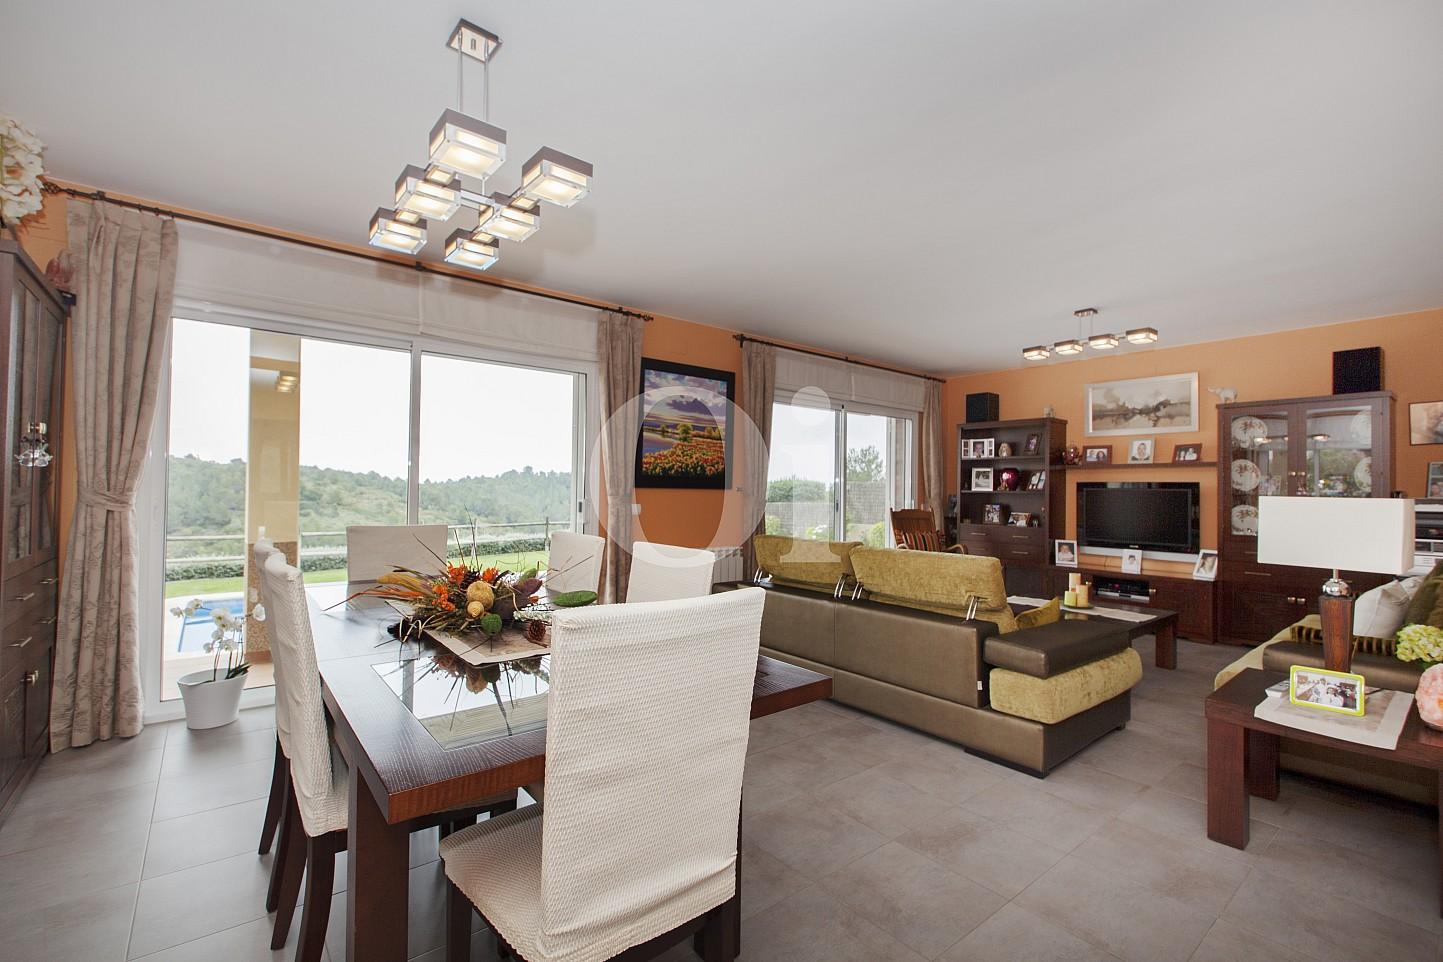 Blick in den Wohn-/Essbereich vom Haus zum Verkauf, Segur de Calafell